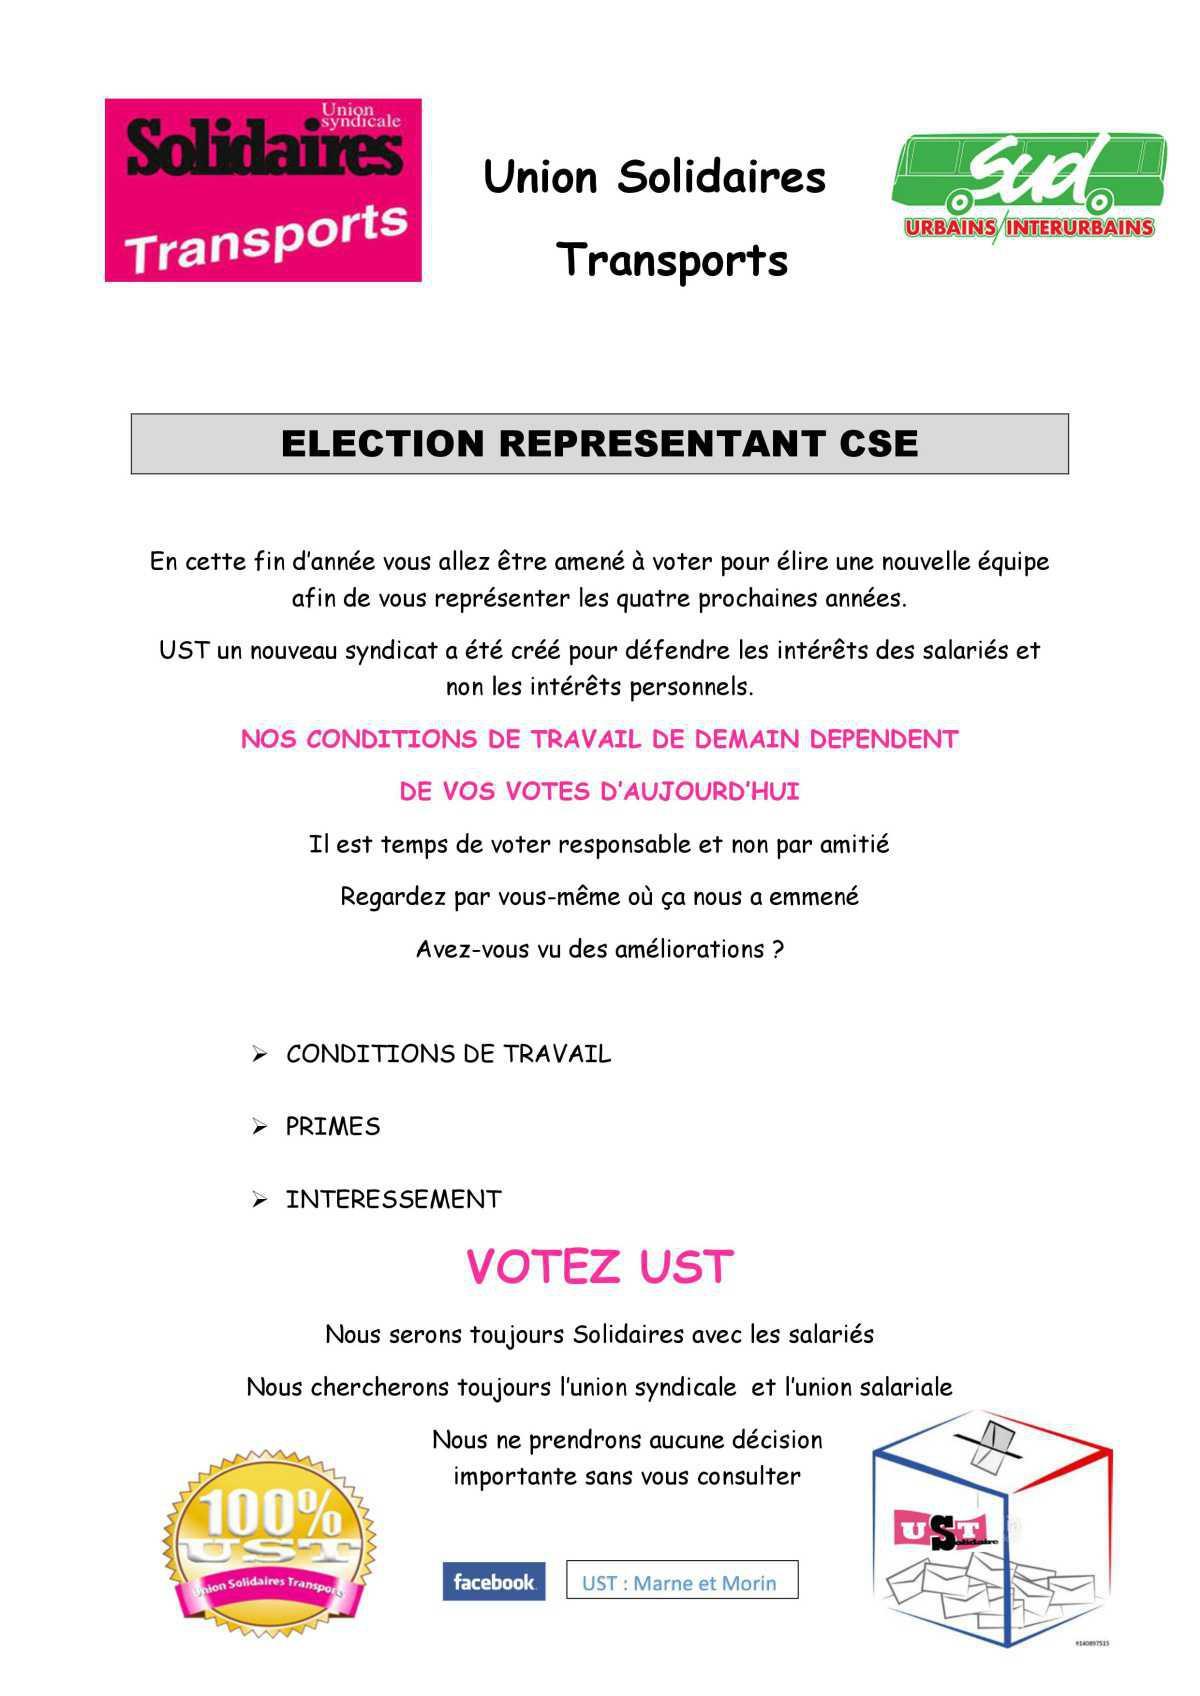 ELECTION REPRESENTANT CSE MARNE ET MORIN